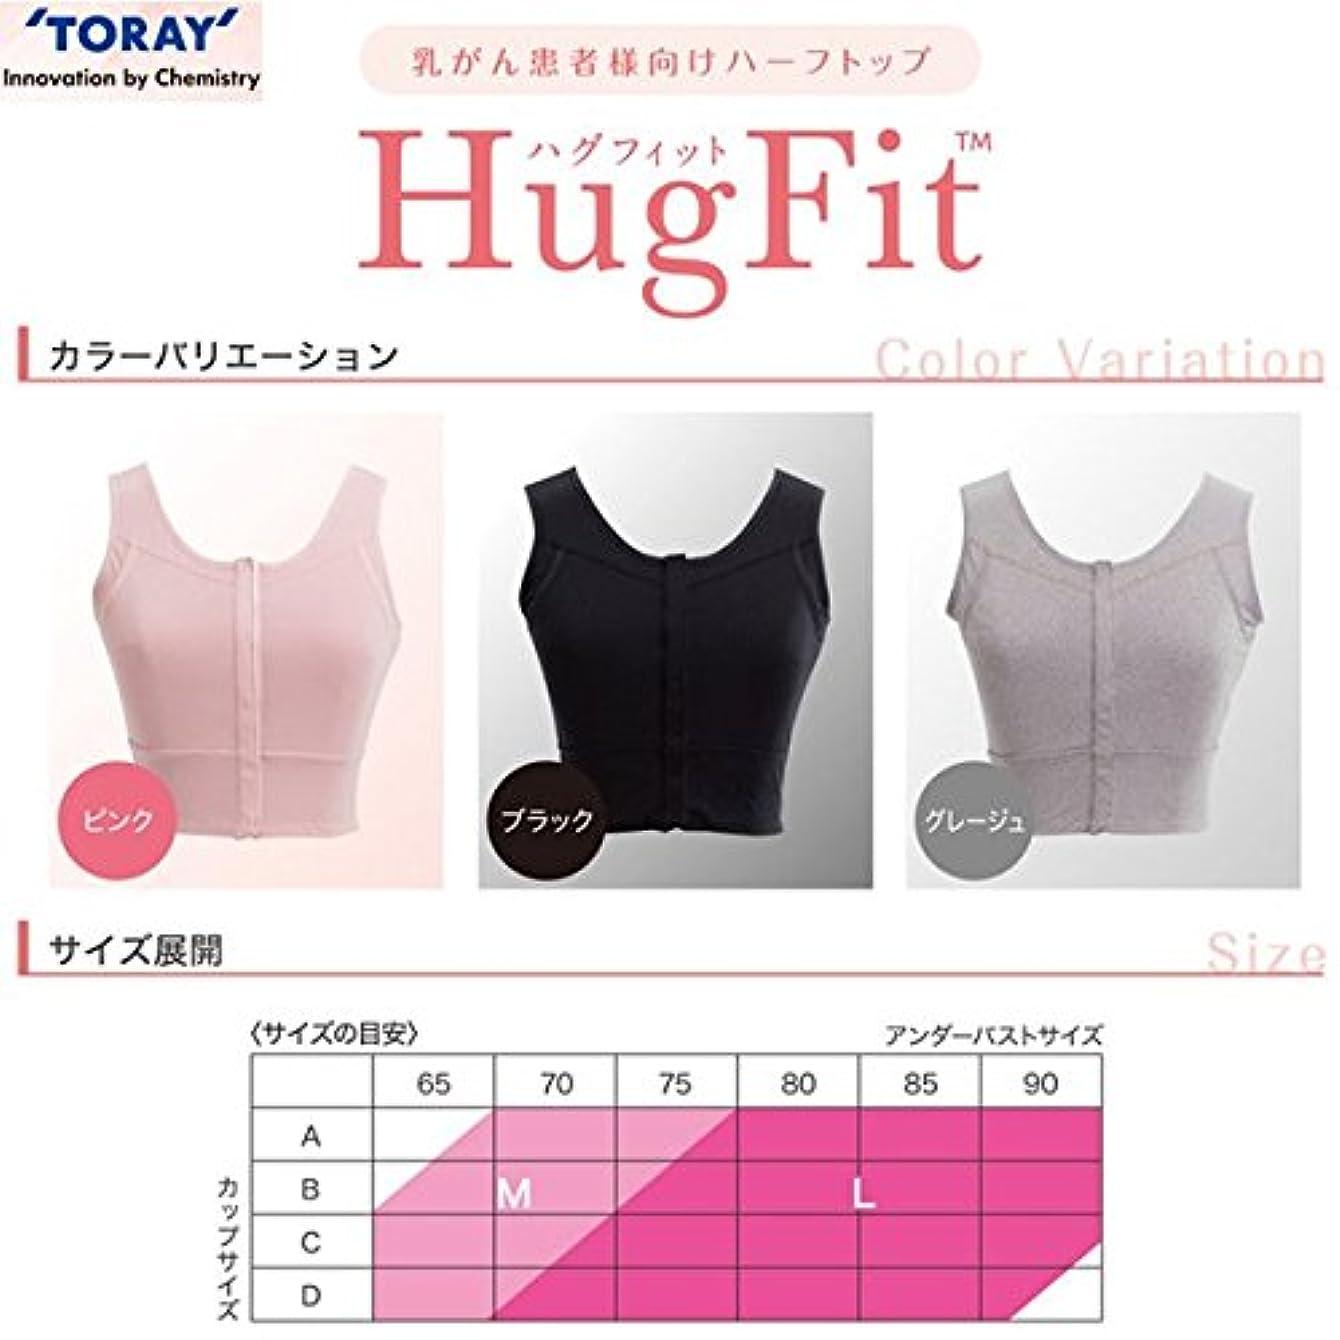 驚きロープ焦げハグフィット HugFit ピンク Mサイズ 東レ?メディカル